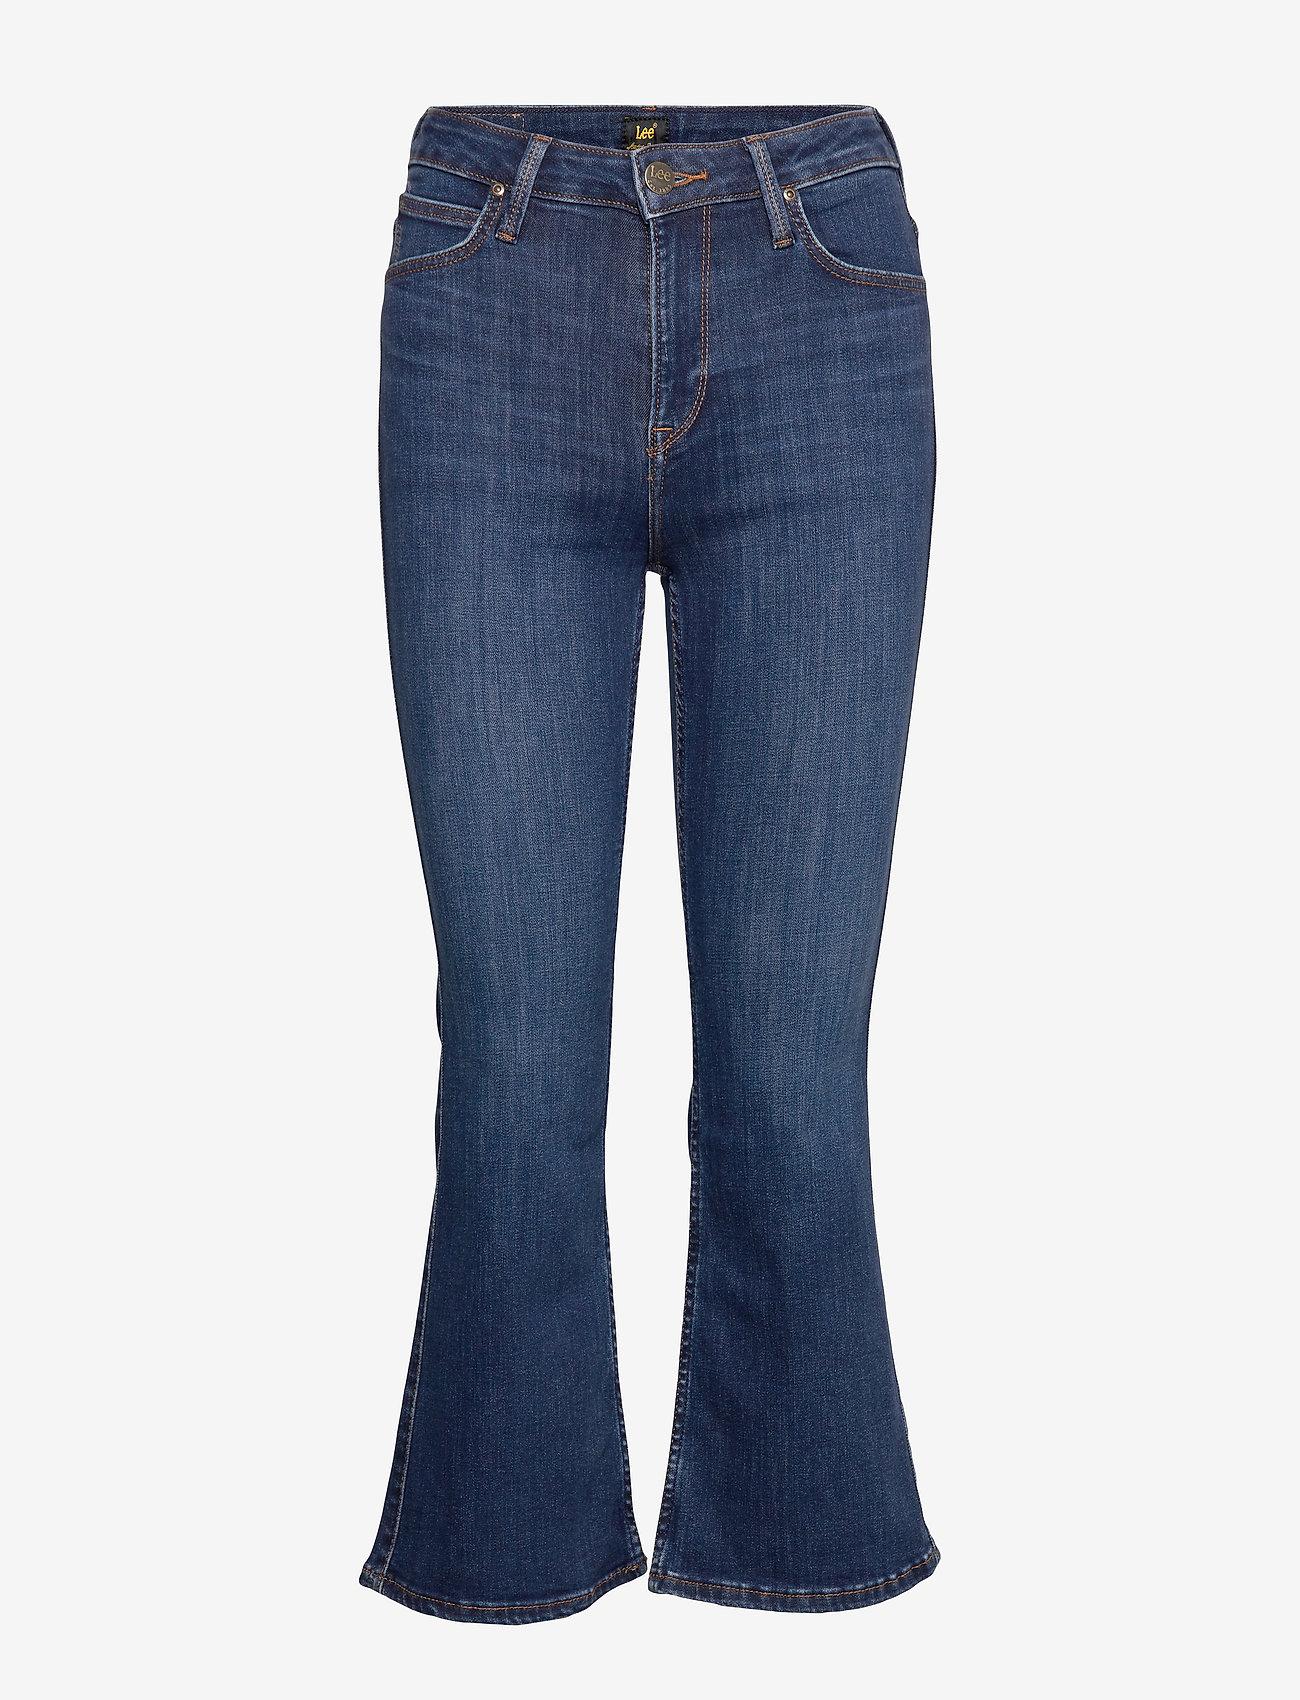 Lee Jeans - KICKED FLARE - schlaghosen - dark hunt - 0